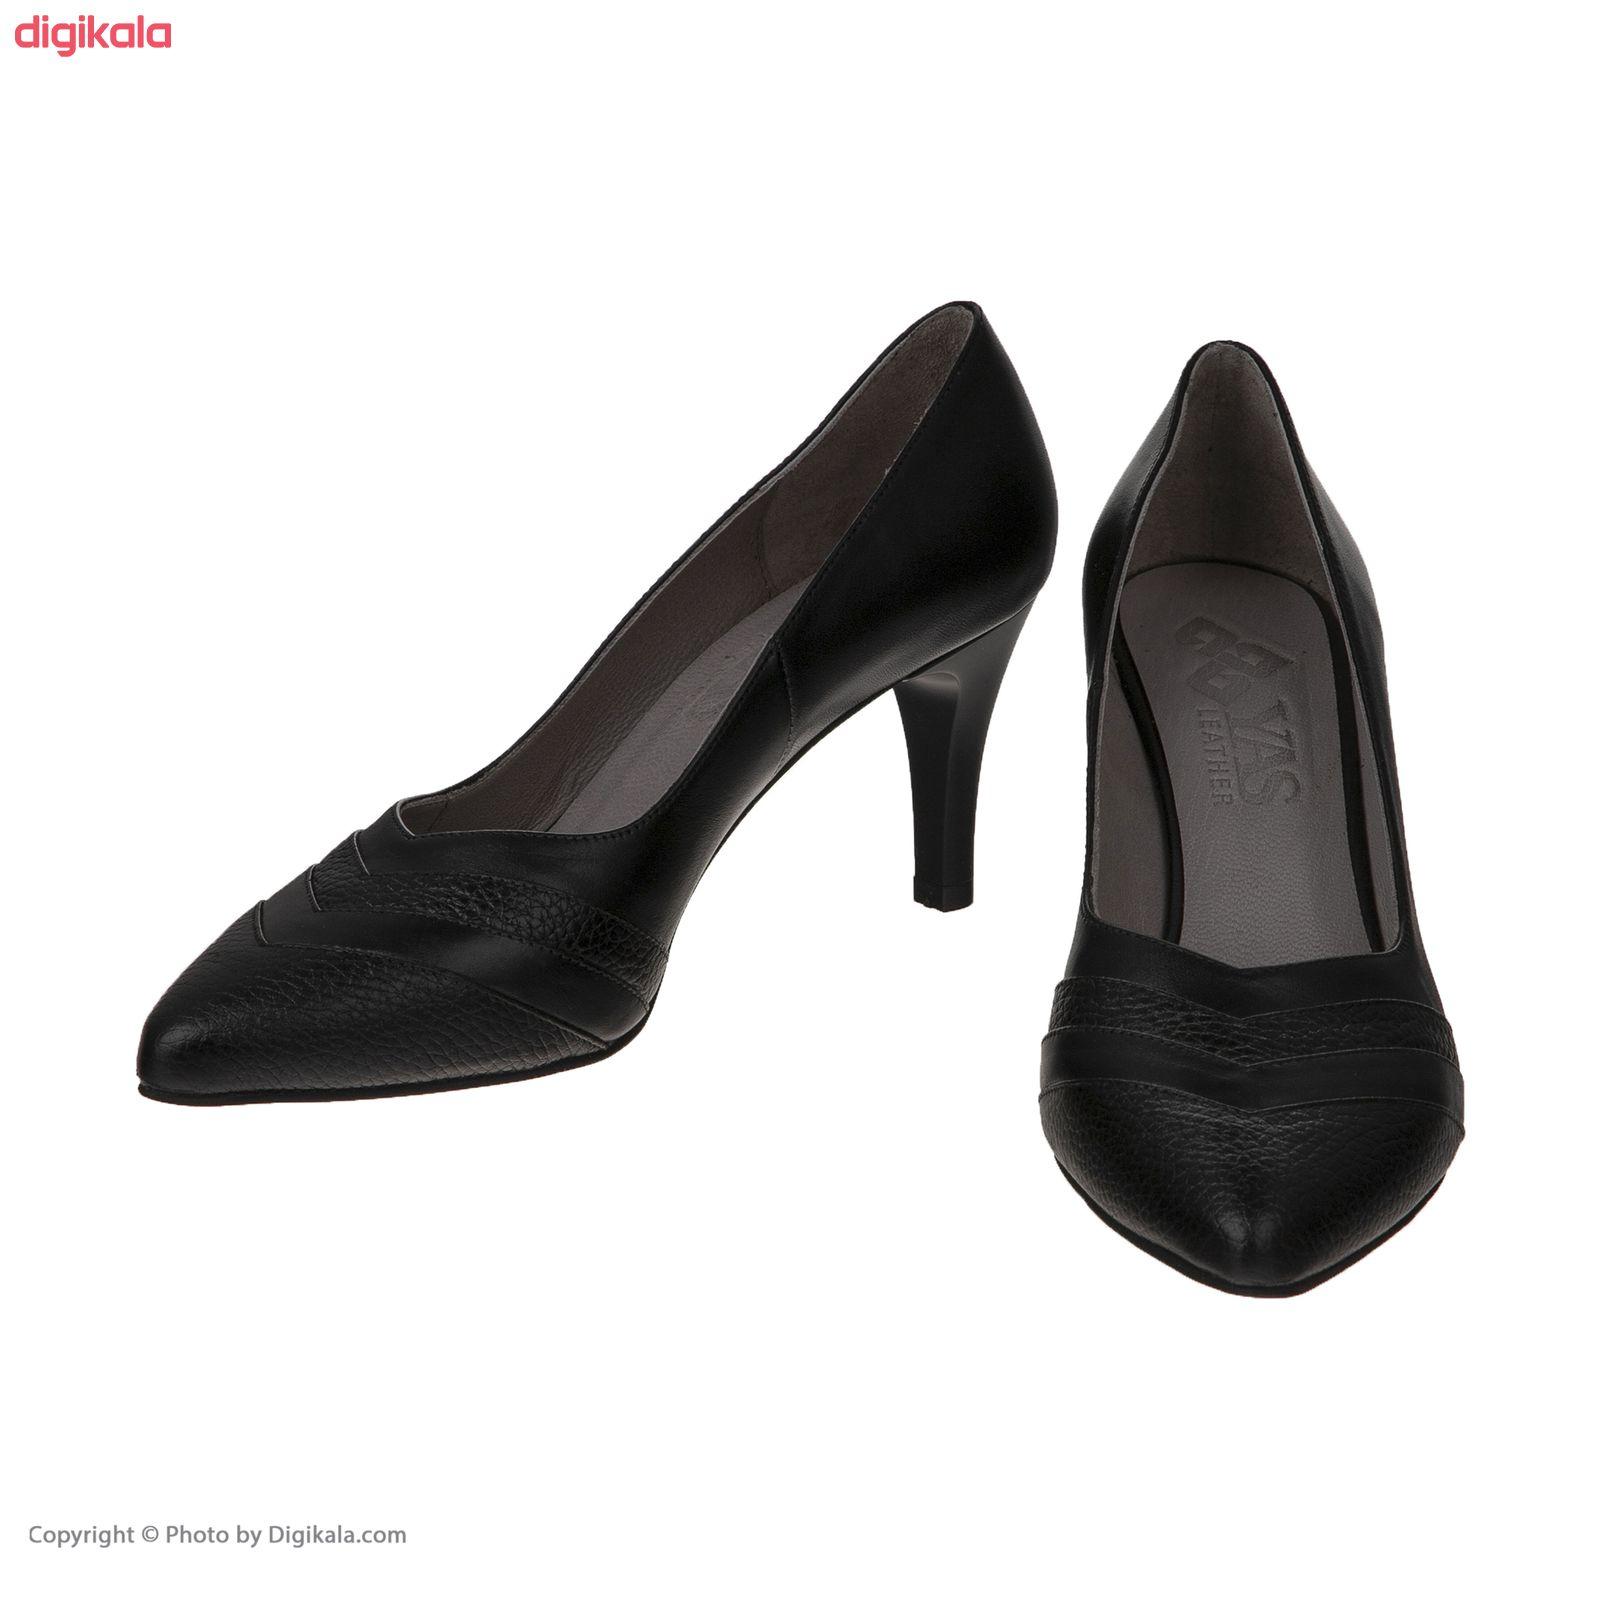 کفش زنانه چرم یاس مدل دیبالا main 1 1